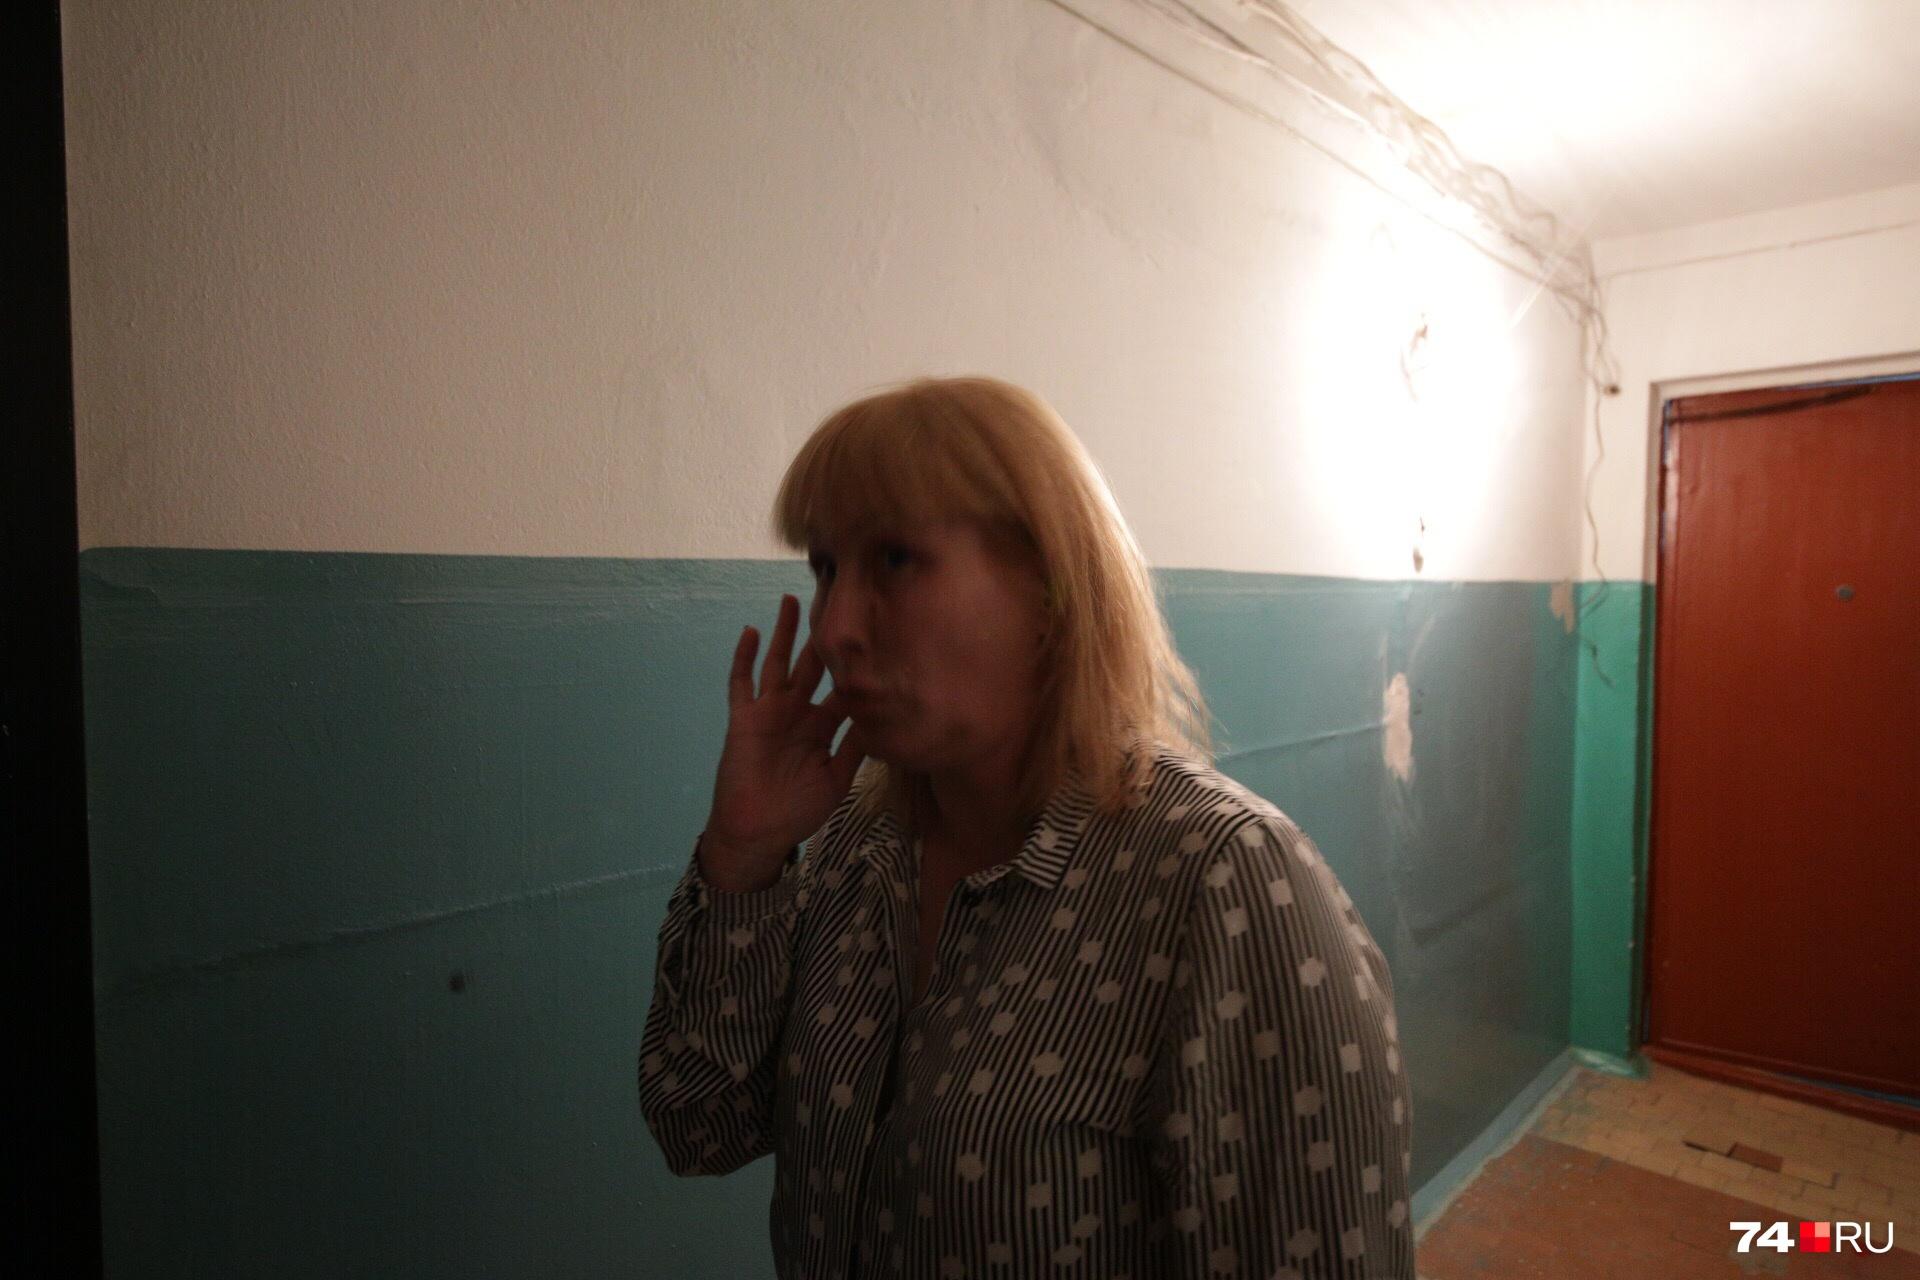 Автор растяжки Татьяна Писарева утверждает, что ее проблемы с жильем так никто и не решил